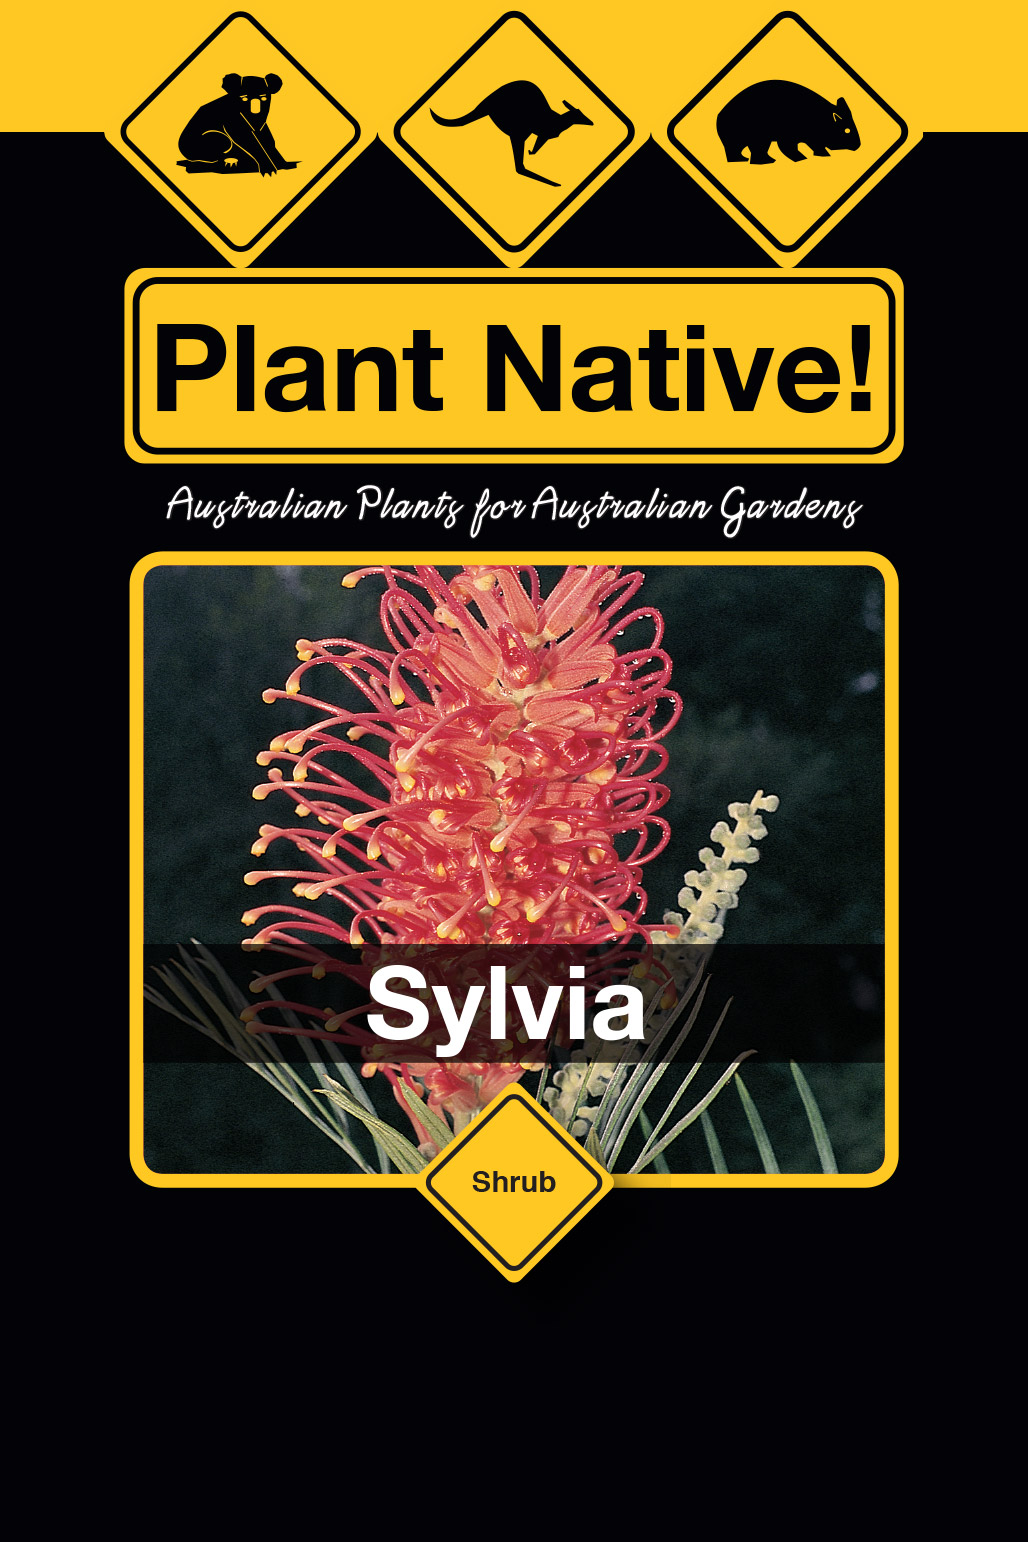 Sylvia - Plant Native!